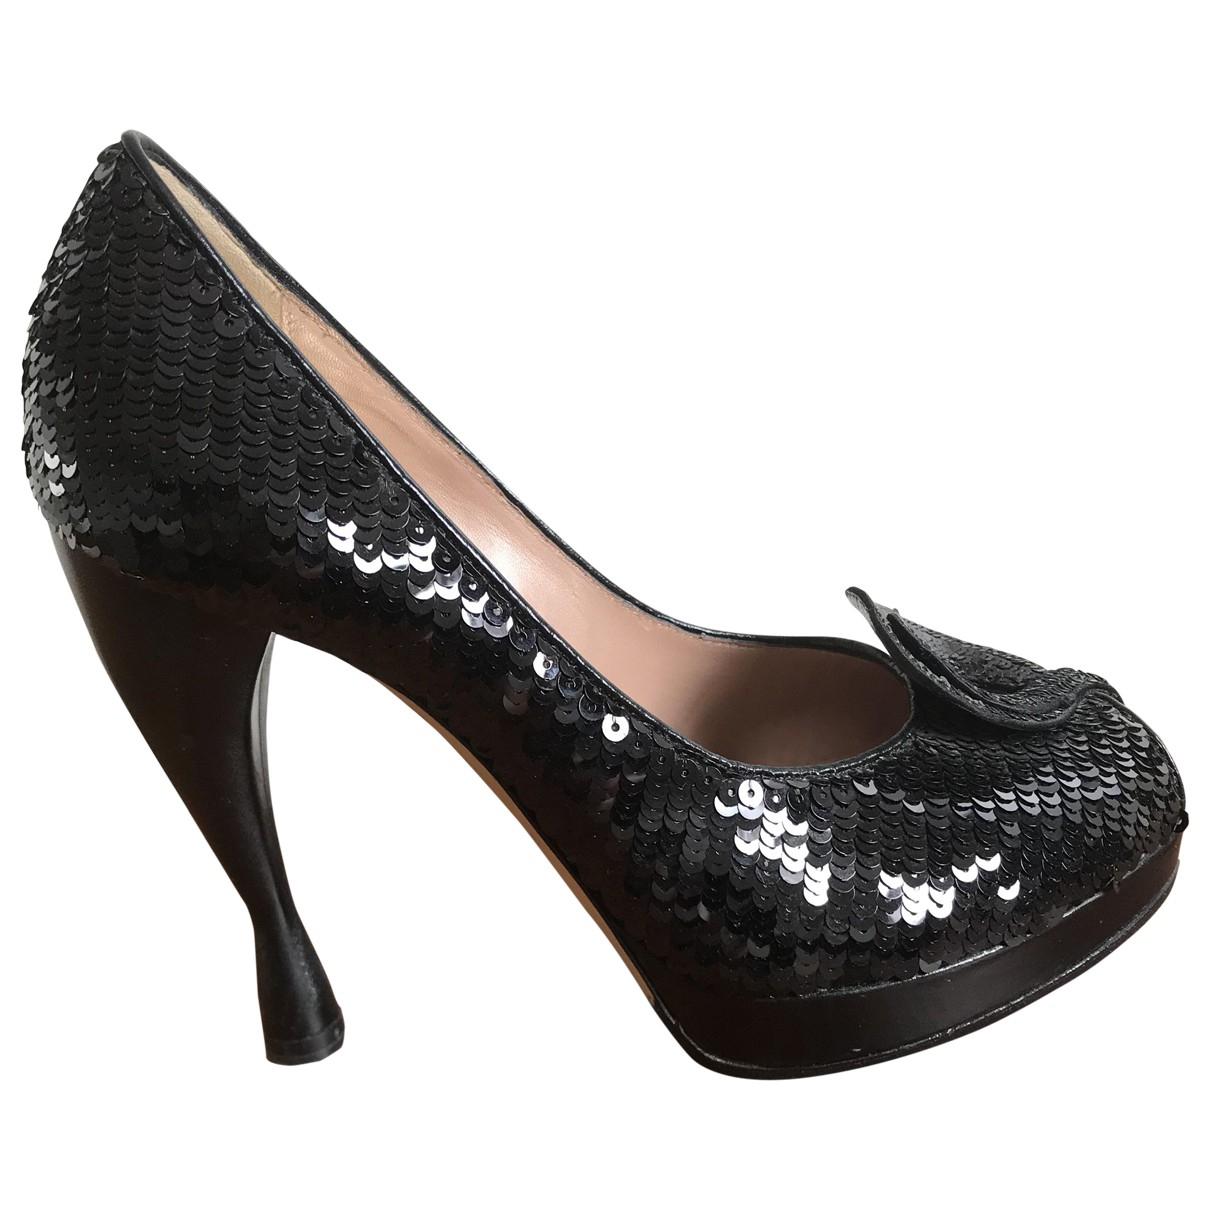 Emporio Armani - Escarpins   pour femme en a paillettes - noir